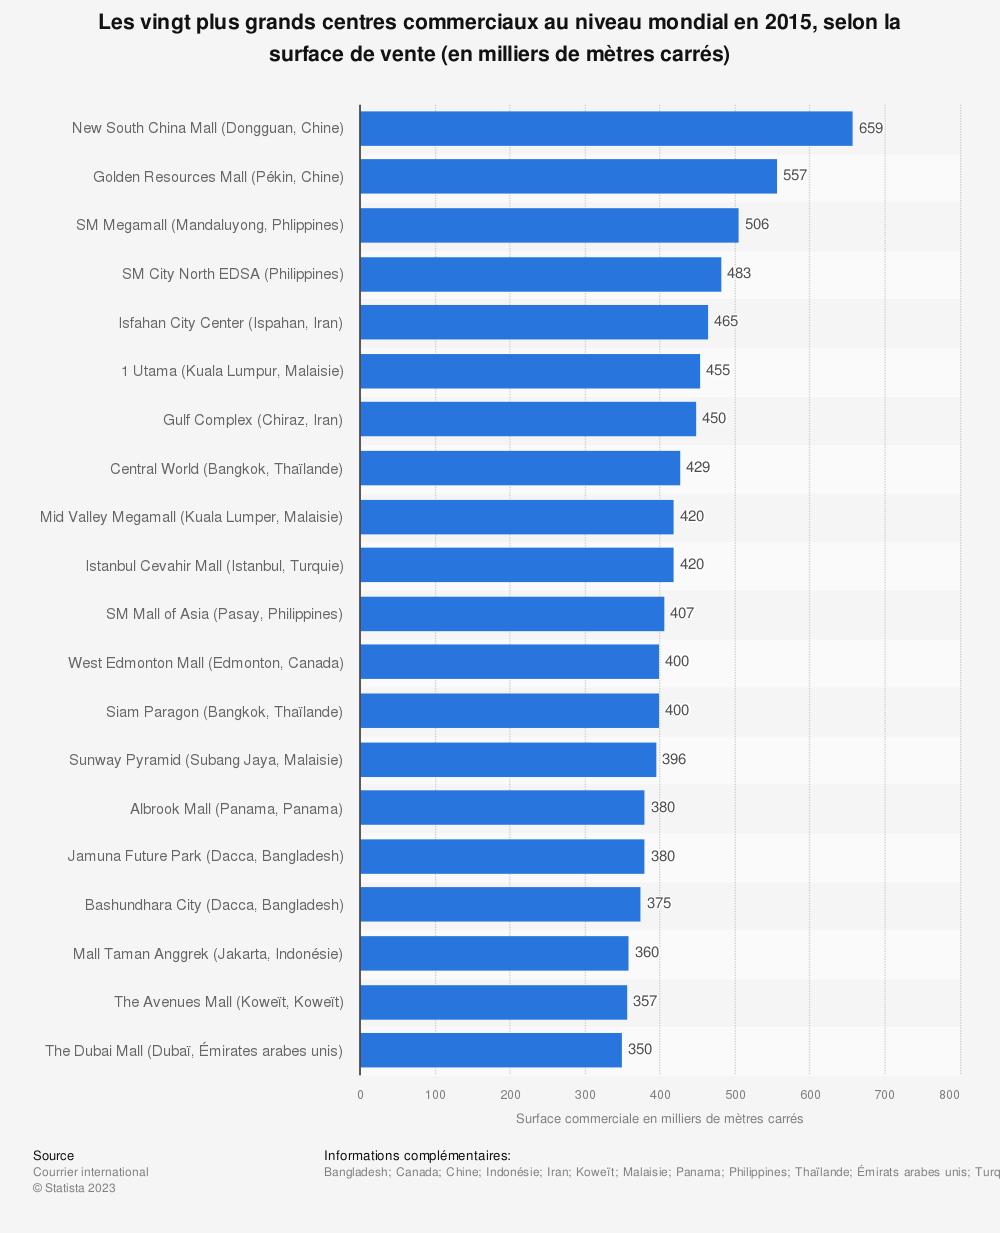 Statistique: Les vingt plus grands centres commerciaux au niveau mondial en 2015, selon la surface de vente (en milliers de mètres carrés) | Statista